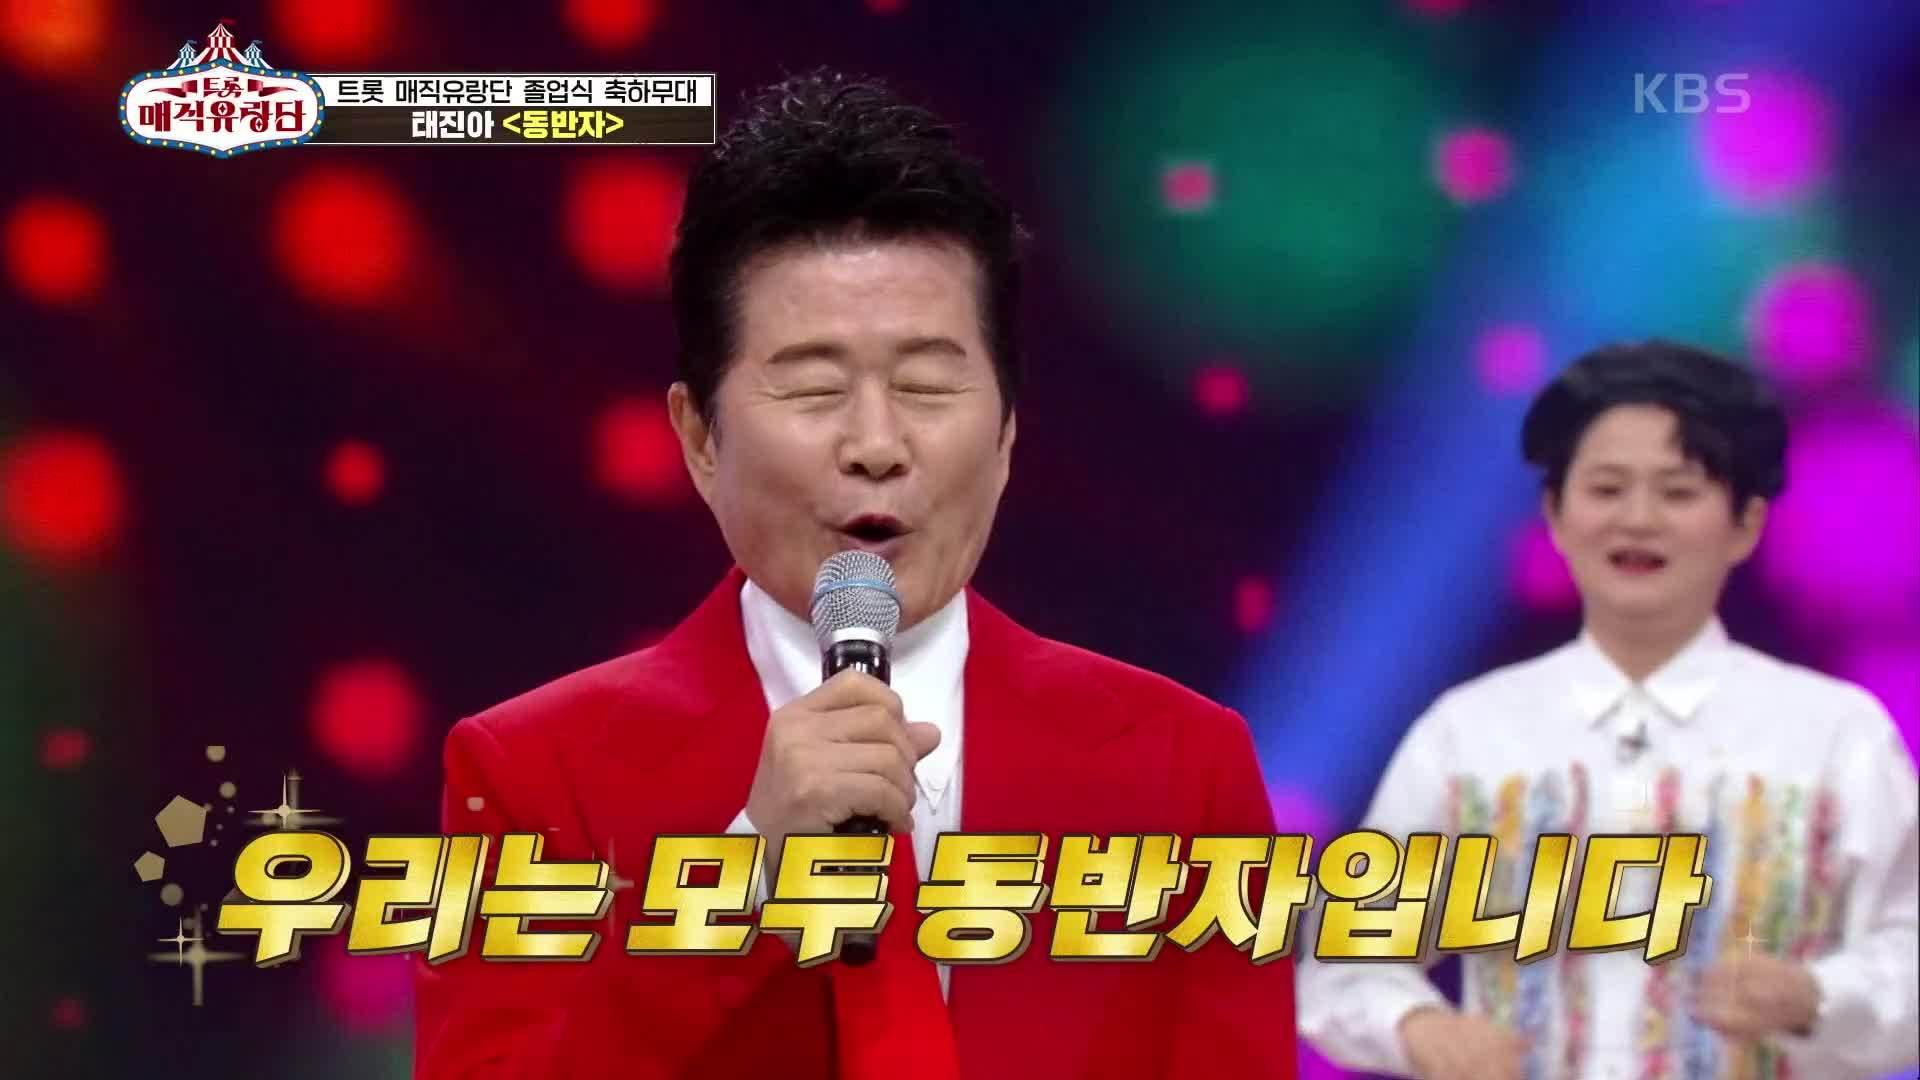 유랑단 졸입식 축하무대를 와준 트로트 레전드 등장! ' 태진아 - 동반자+공수래 공수거'   KBS 210724 방송